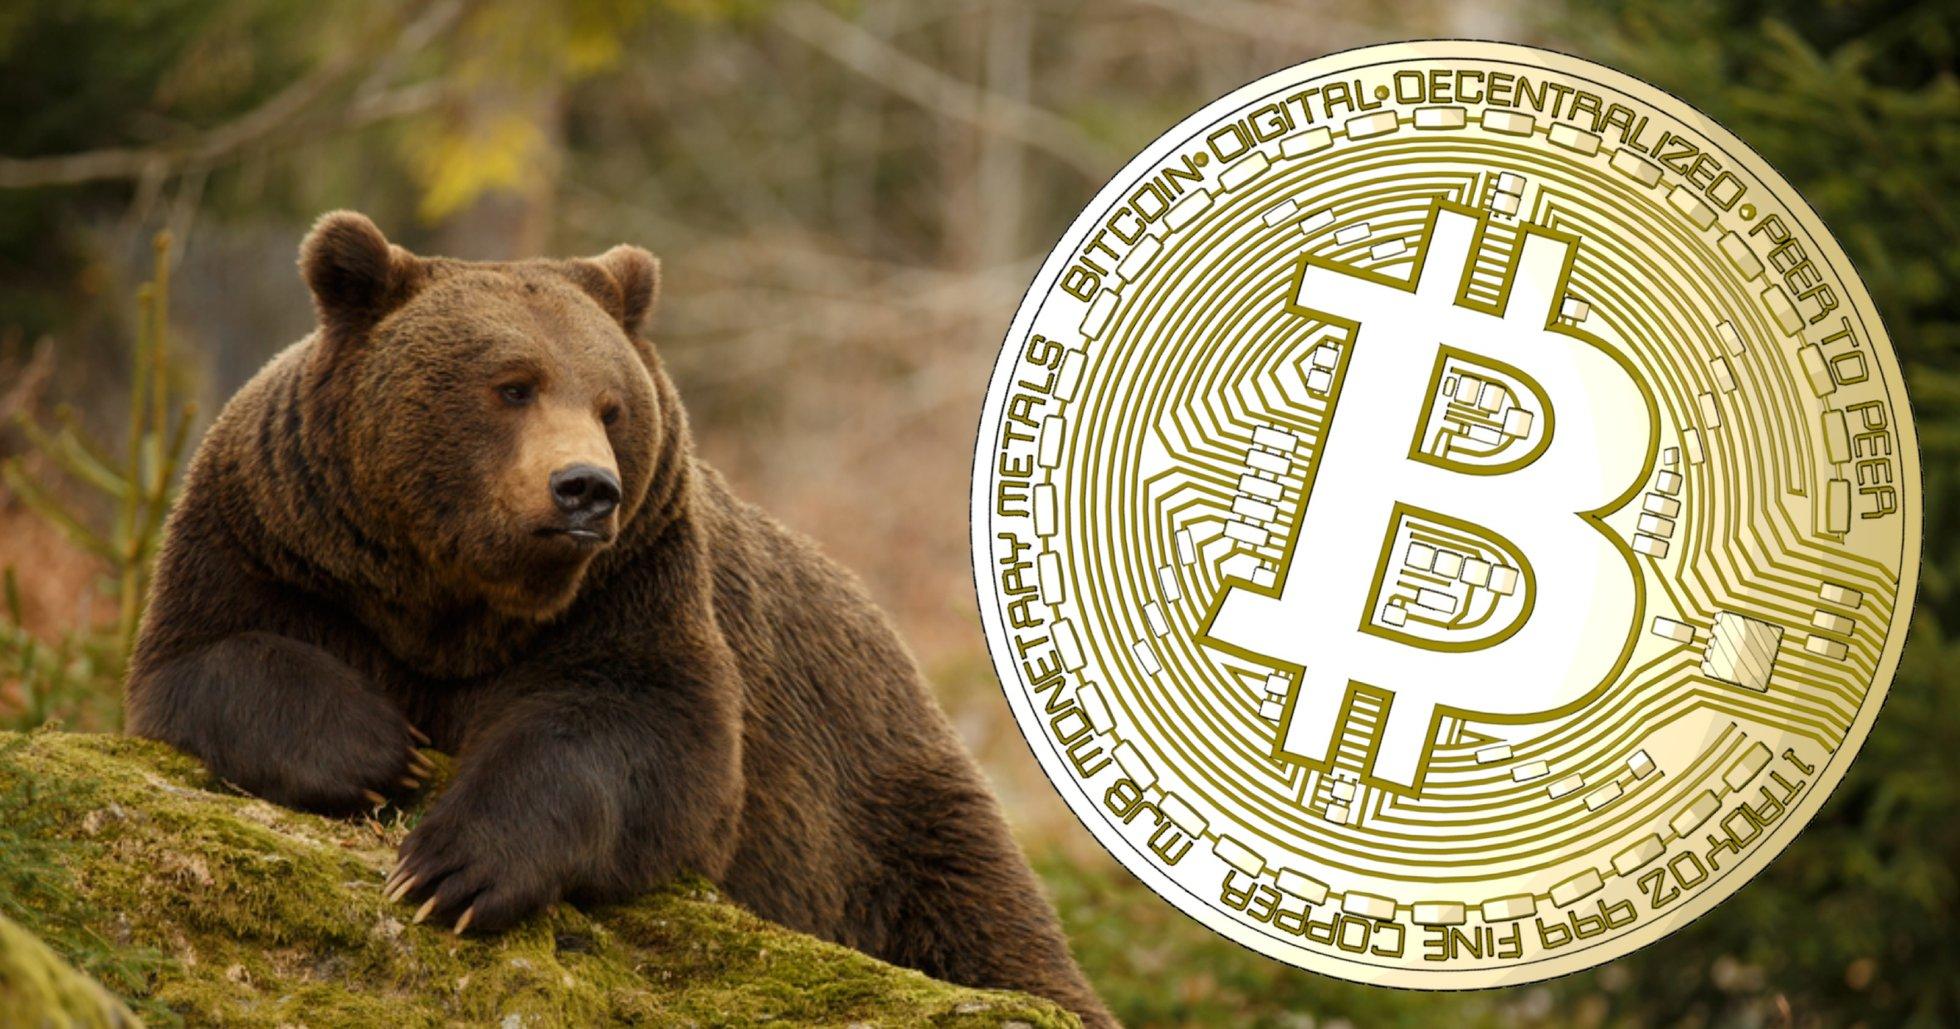 Bitcoinpriset har sjunkit med 15 procent på en vecka – det här kan det bero på